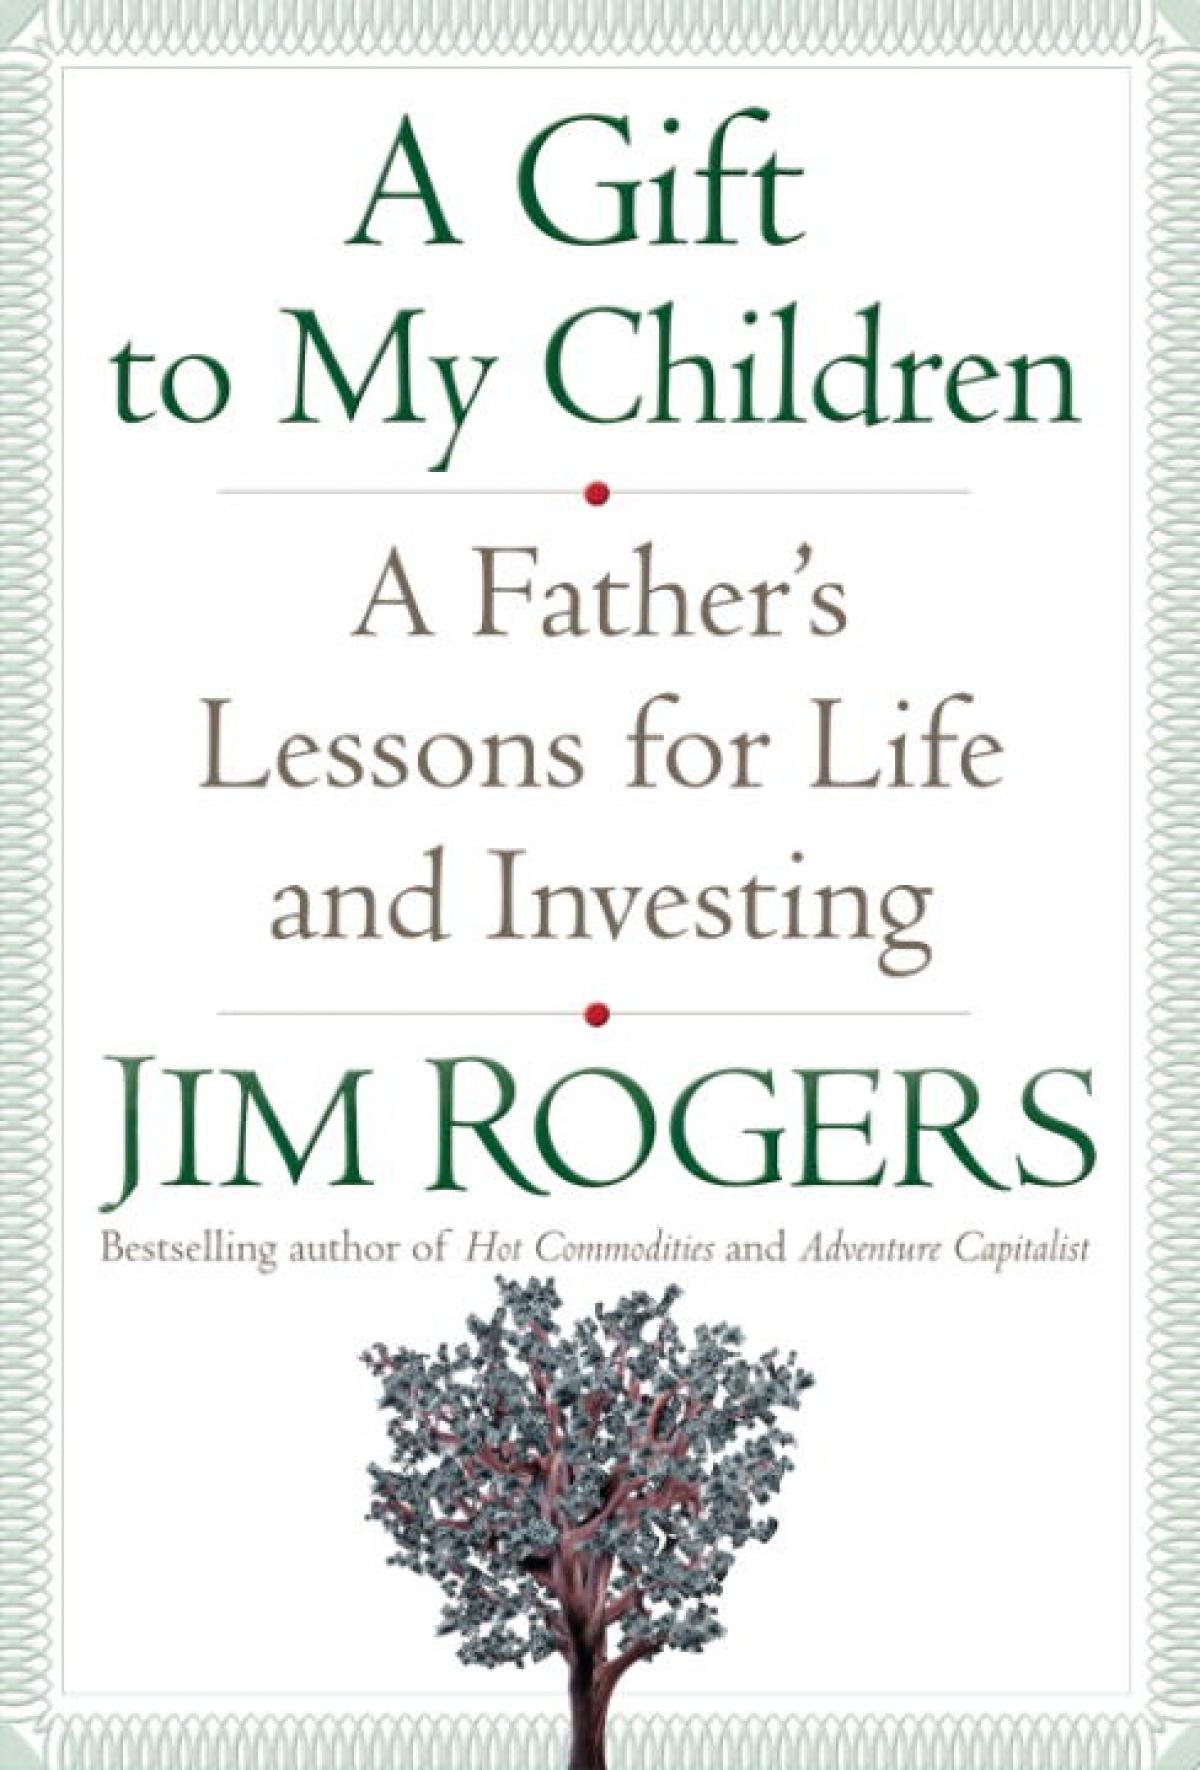 Обложка книги:  джим роджерс - подарок моим детям